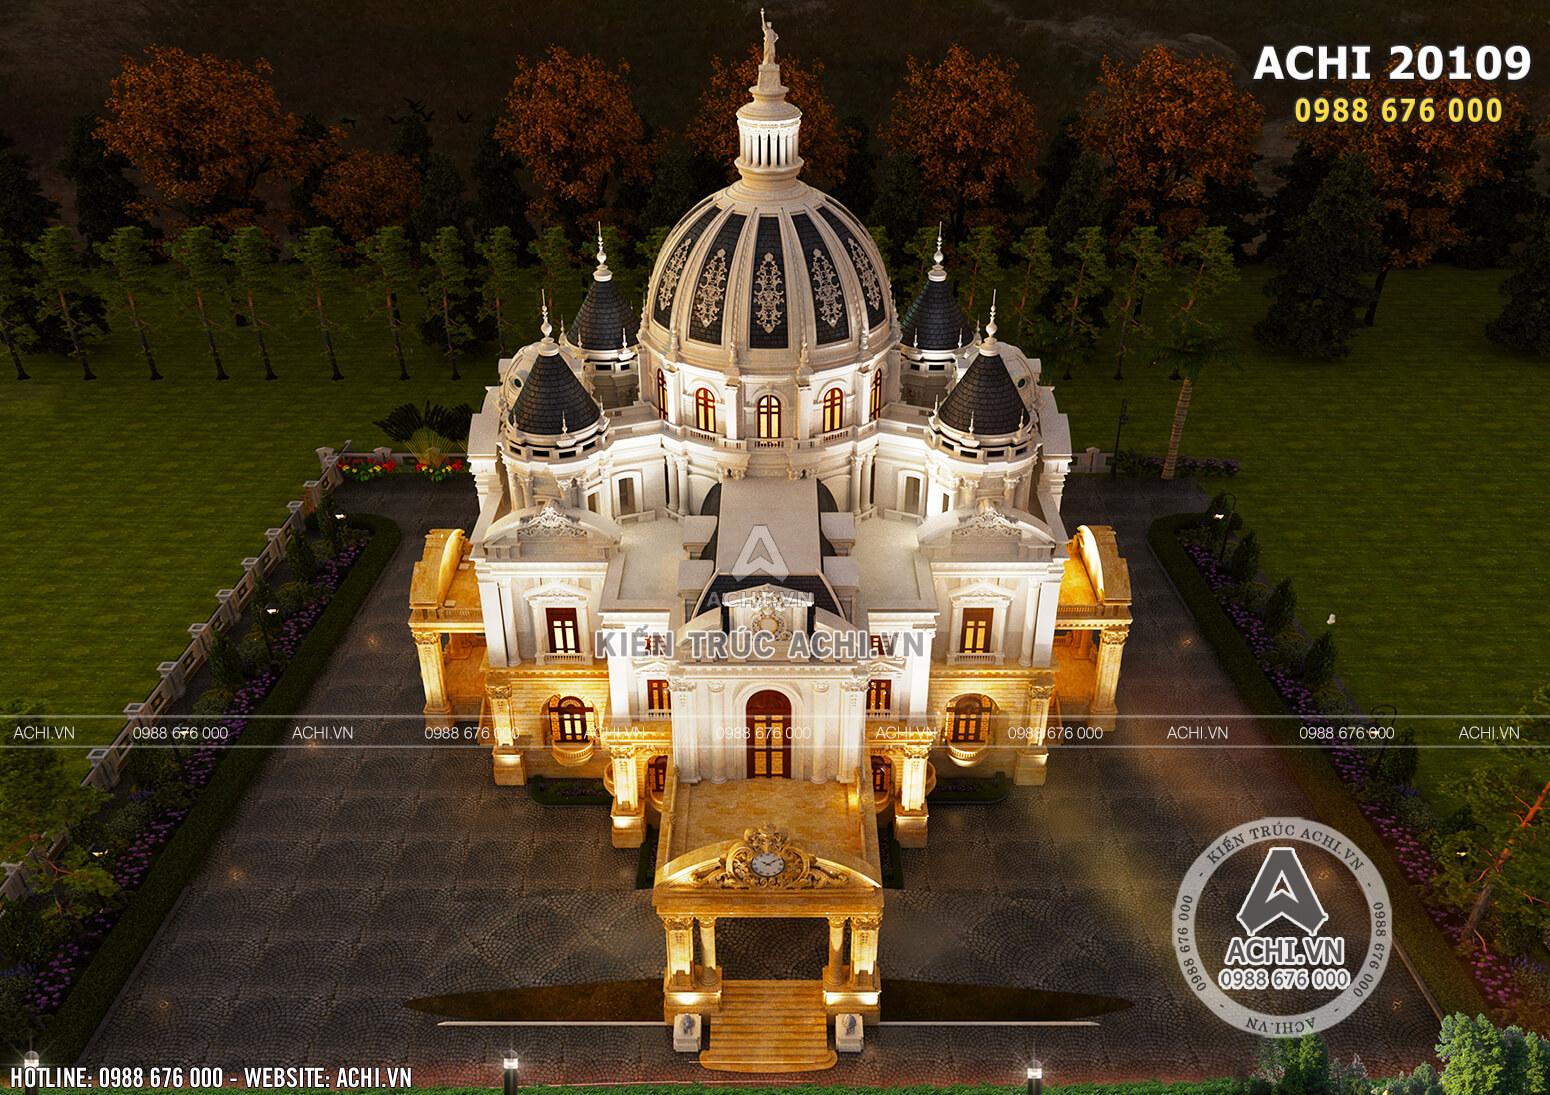 Toàn cảnh mẫu thiết kế dinh thự lâu đài kiểu Pháp rộng 300m2 khi nhìn từ trên cao xuống